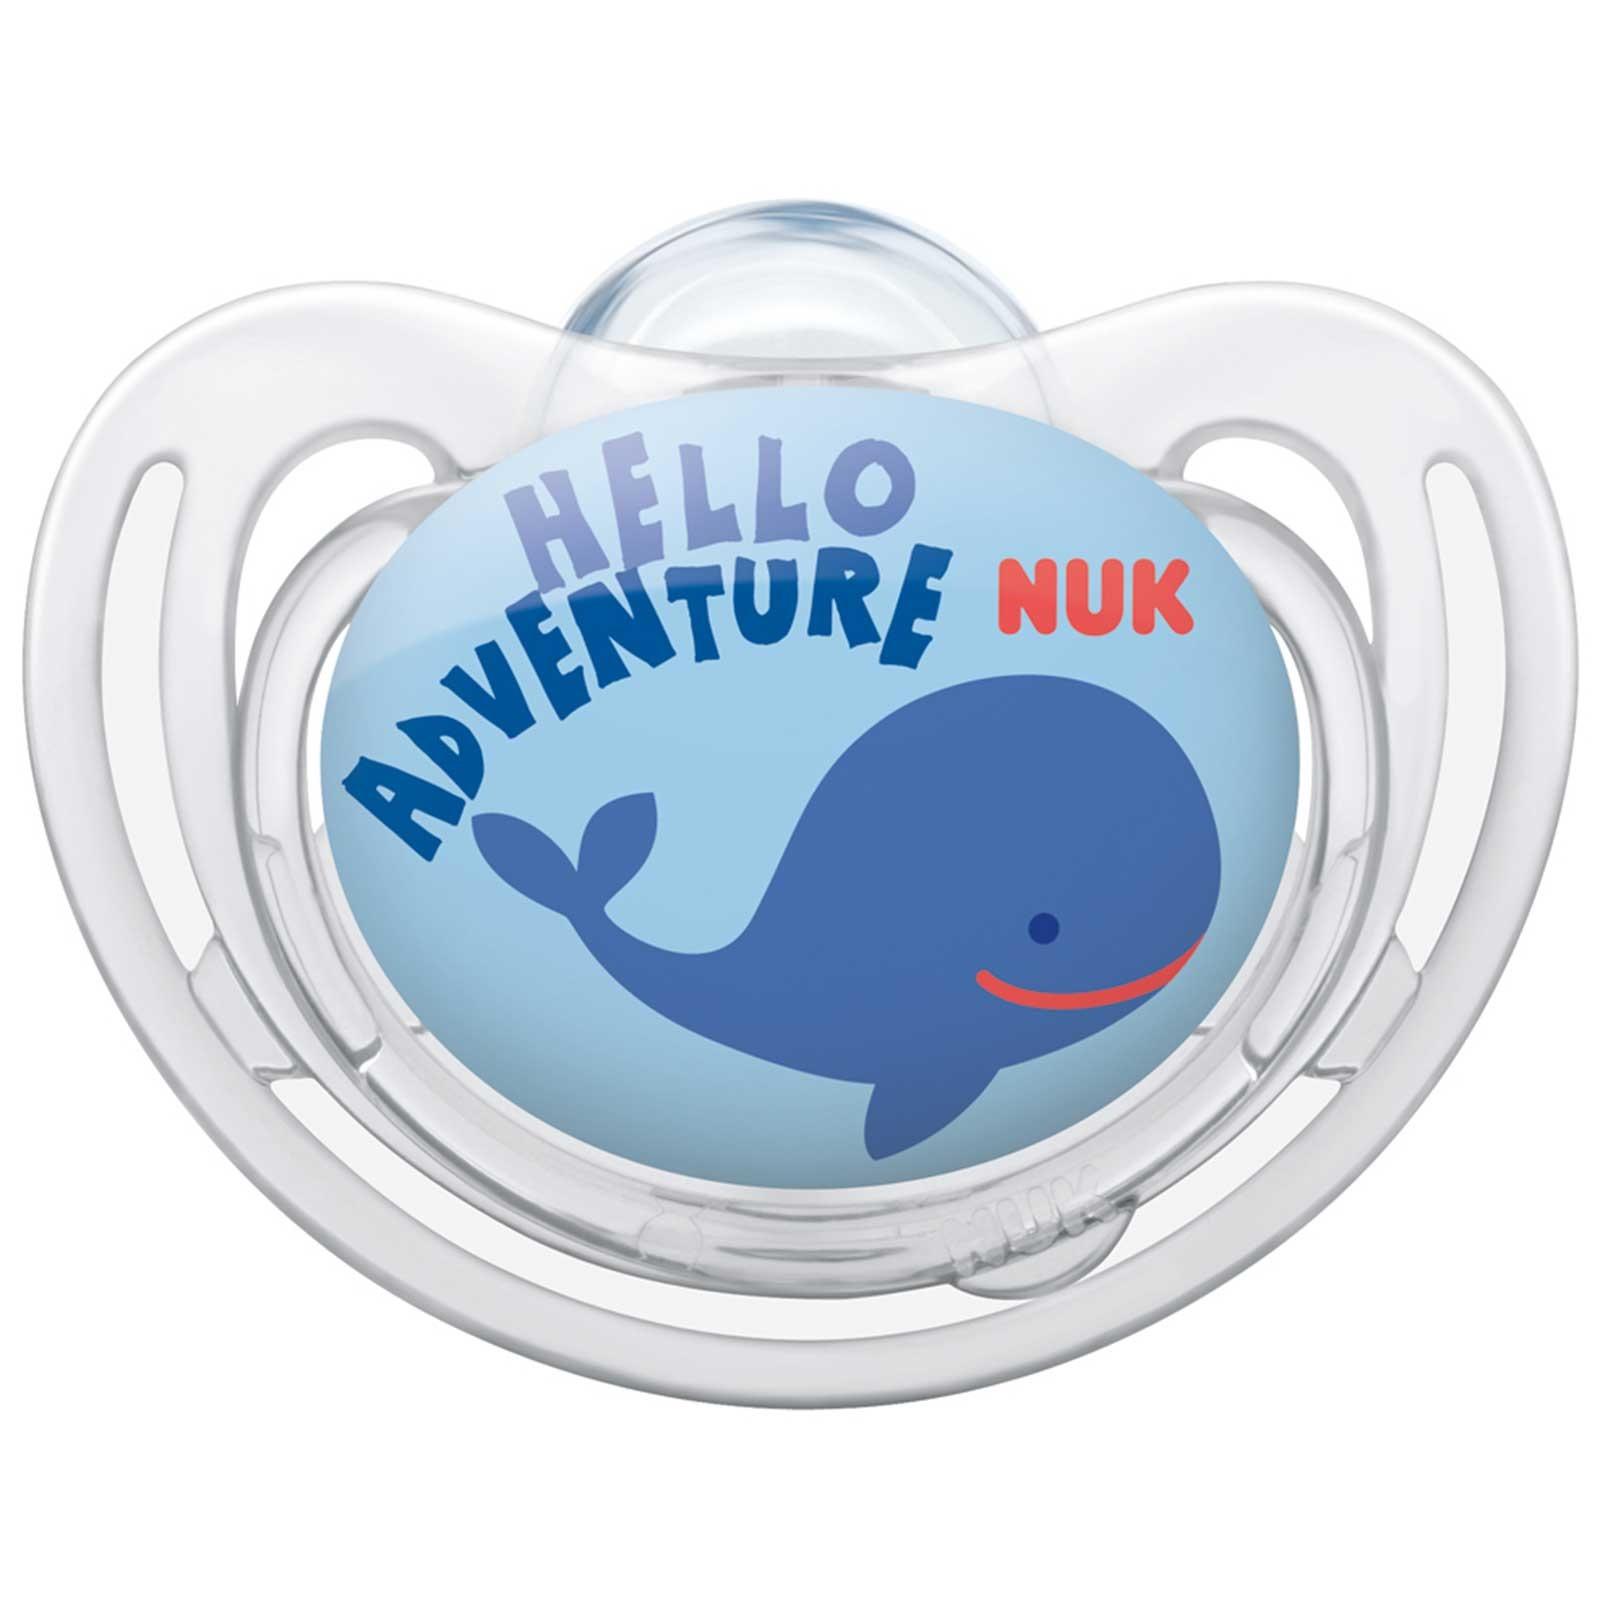 NUK Пустышка силиконовая для сна Freestyle. Кит, от 18 до 36 месяцев, ортодонтическая соска пустышка nuk night & day от 18 до 36 месяцев цвет салатовый синий